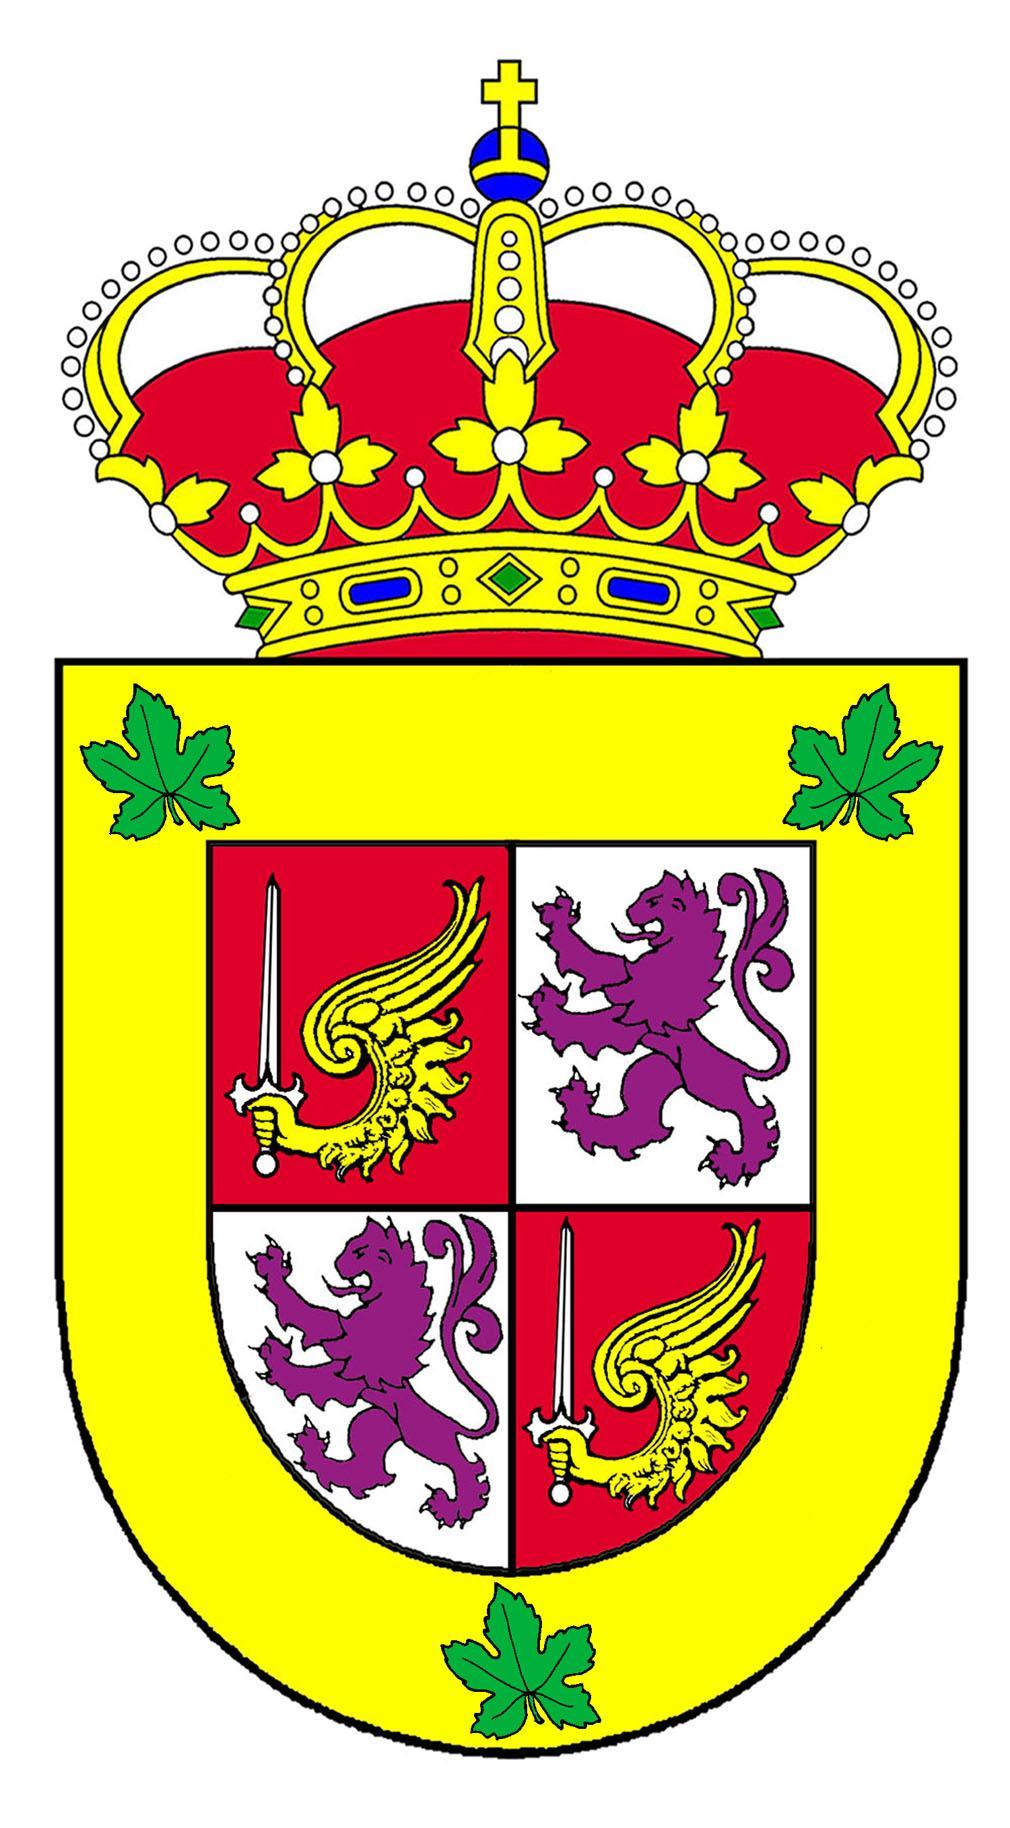 escudo cadalso_de_los_vidrios